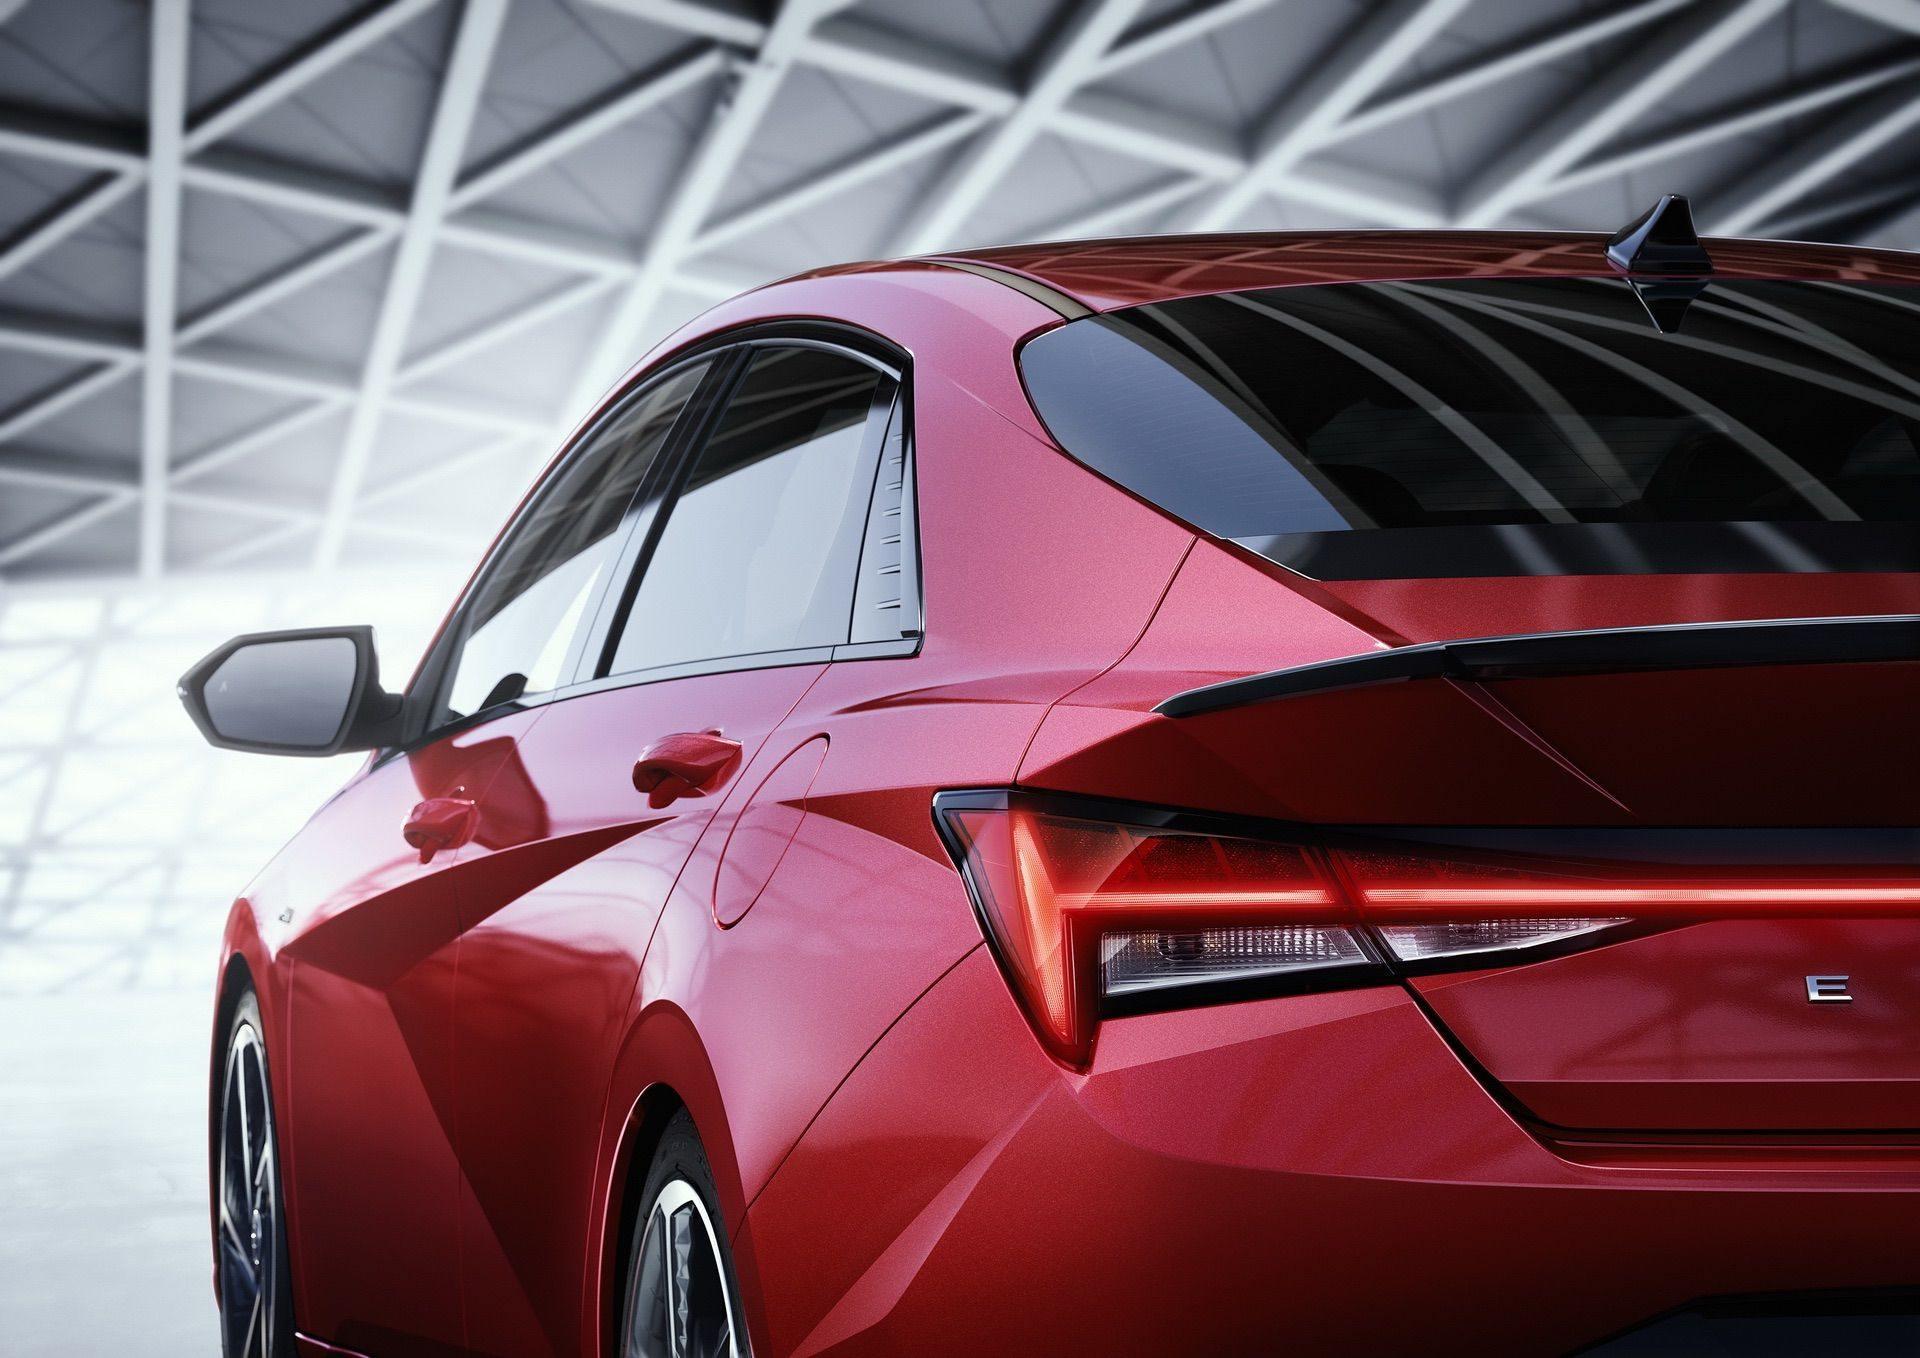 Hyundai-Elantra-N-Line-i30-Sedan-96